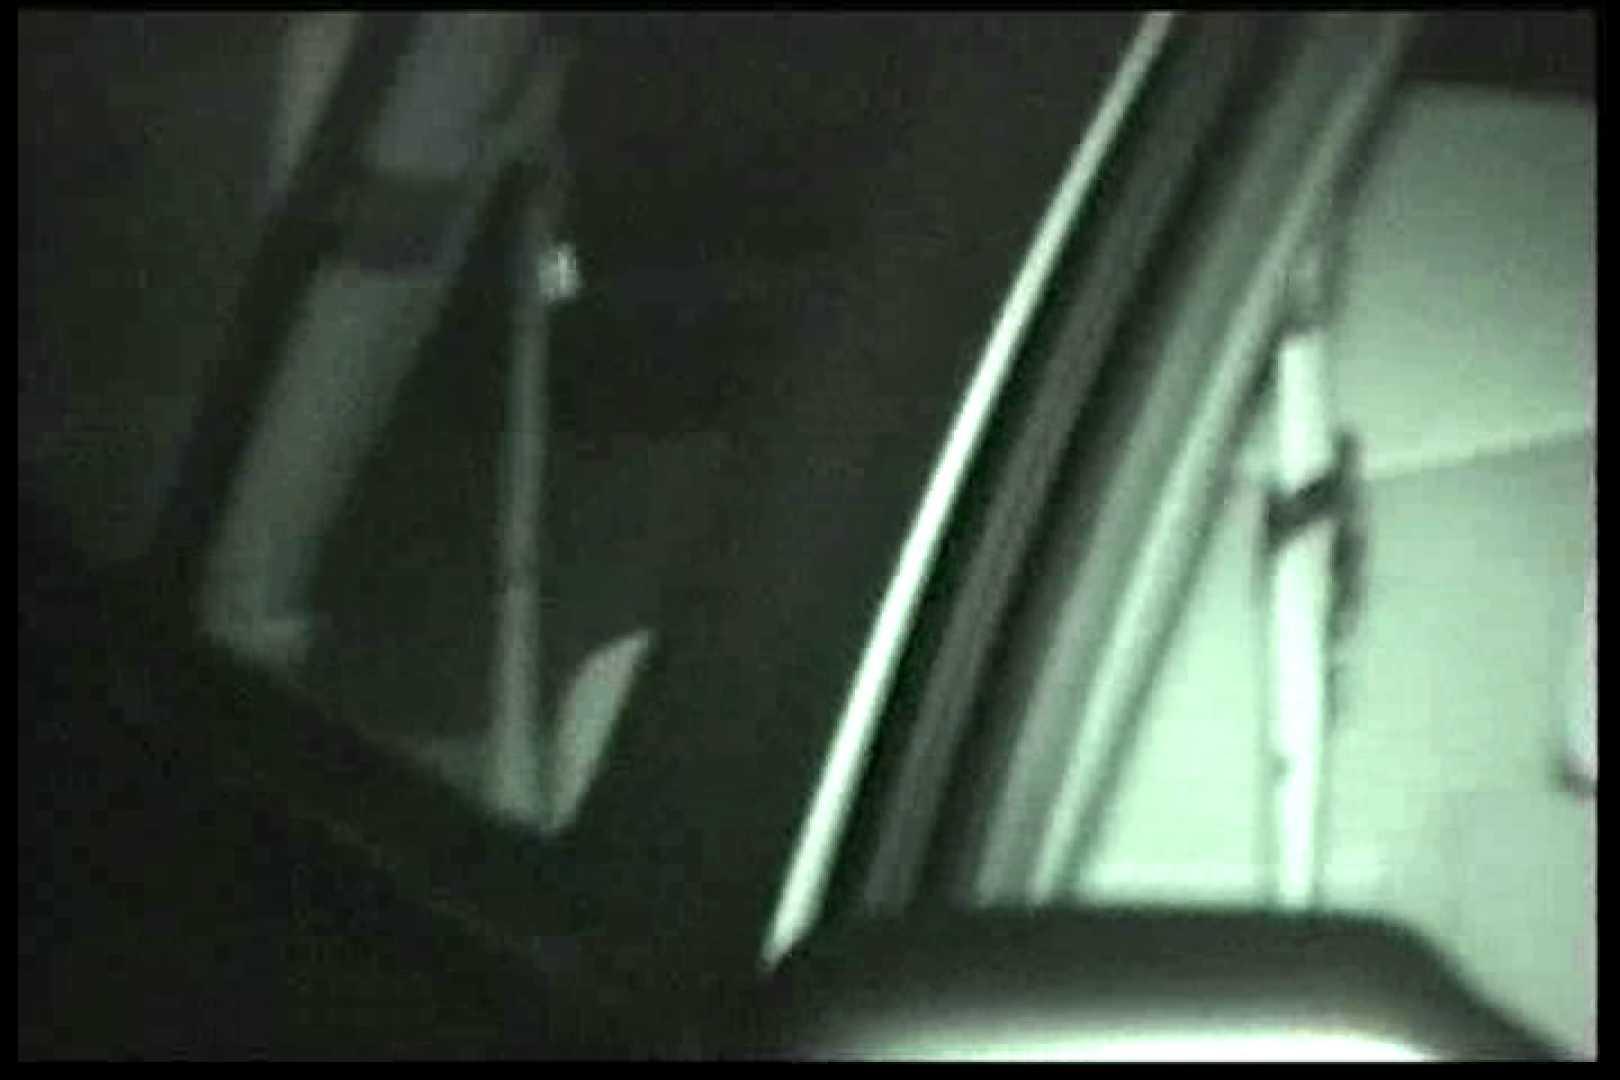 車の中はラブホテル 無修正版  Vol.14 車 | 喘ぎ  100画像 49